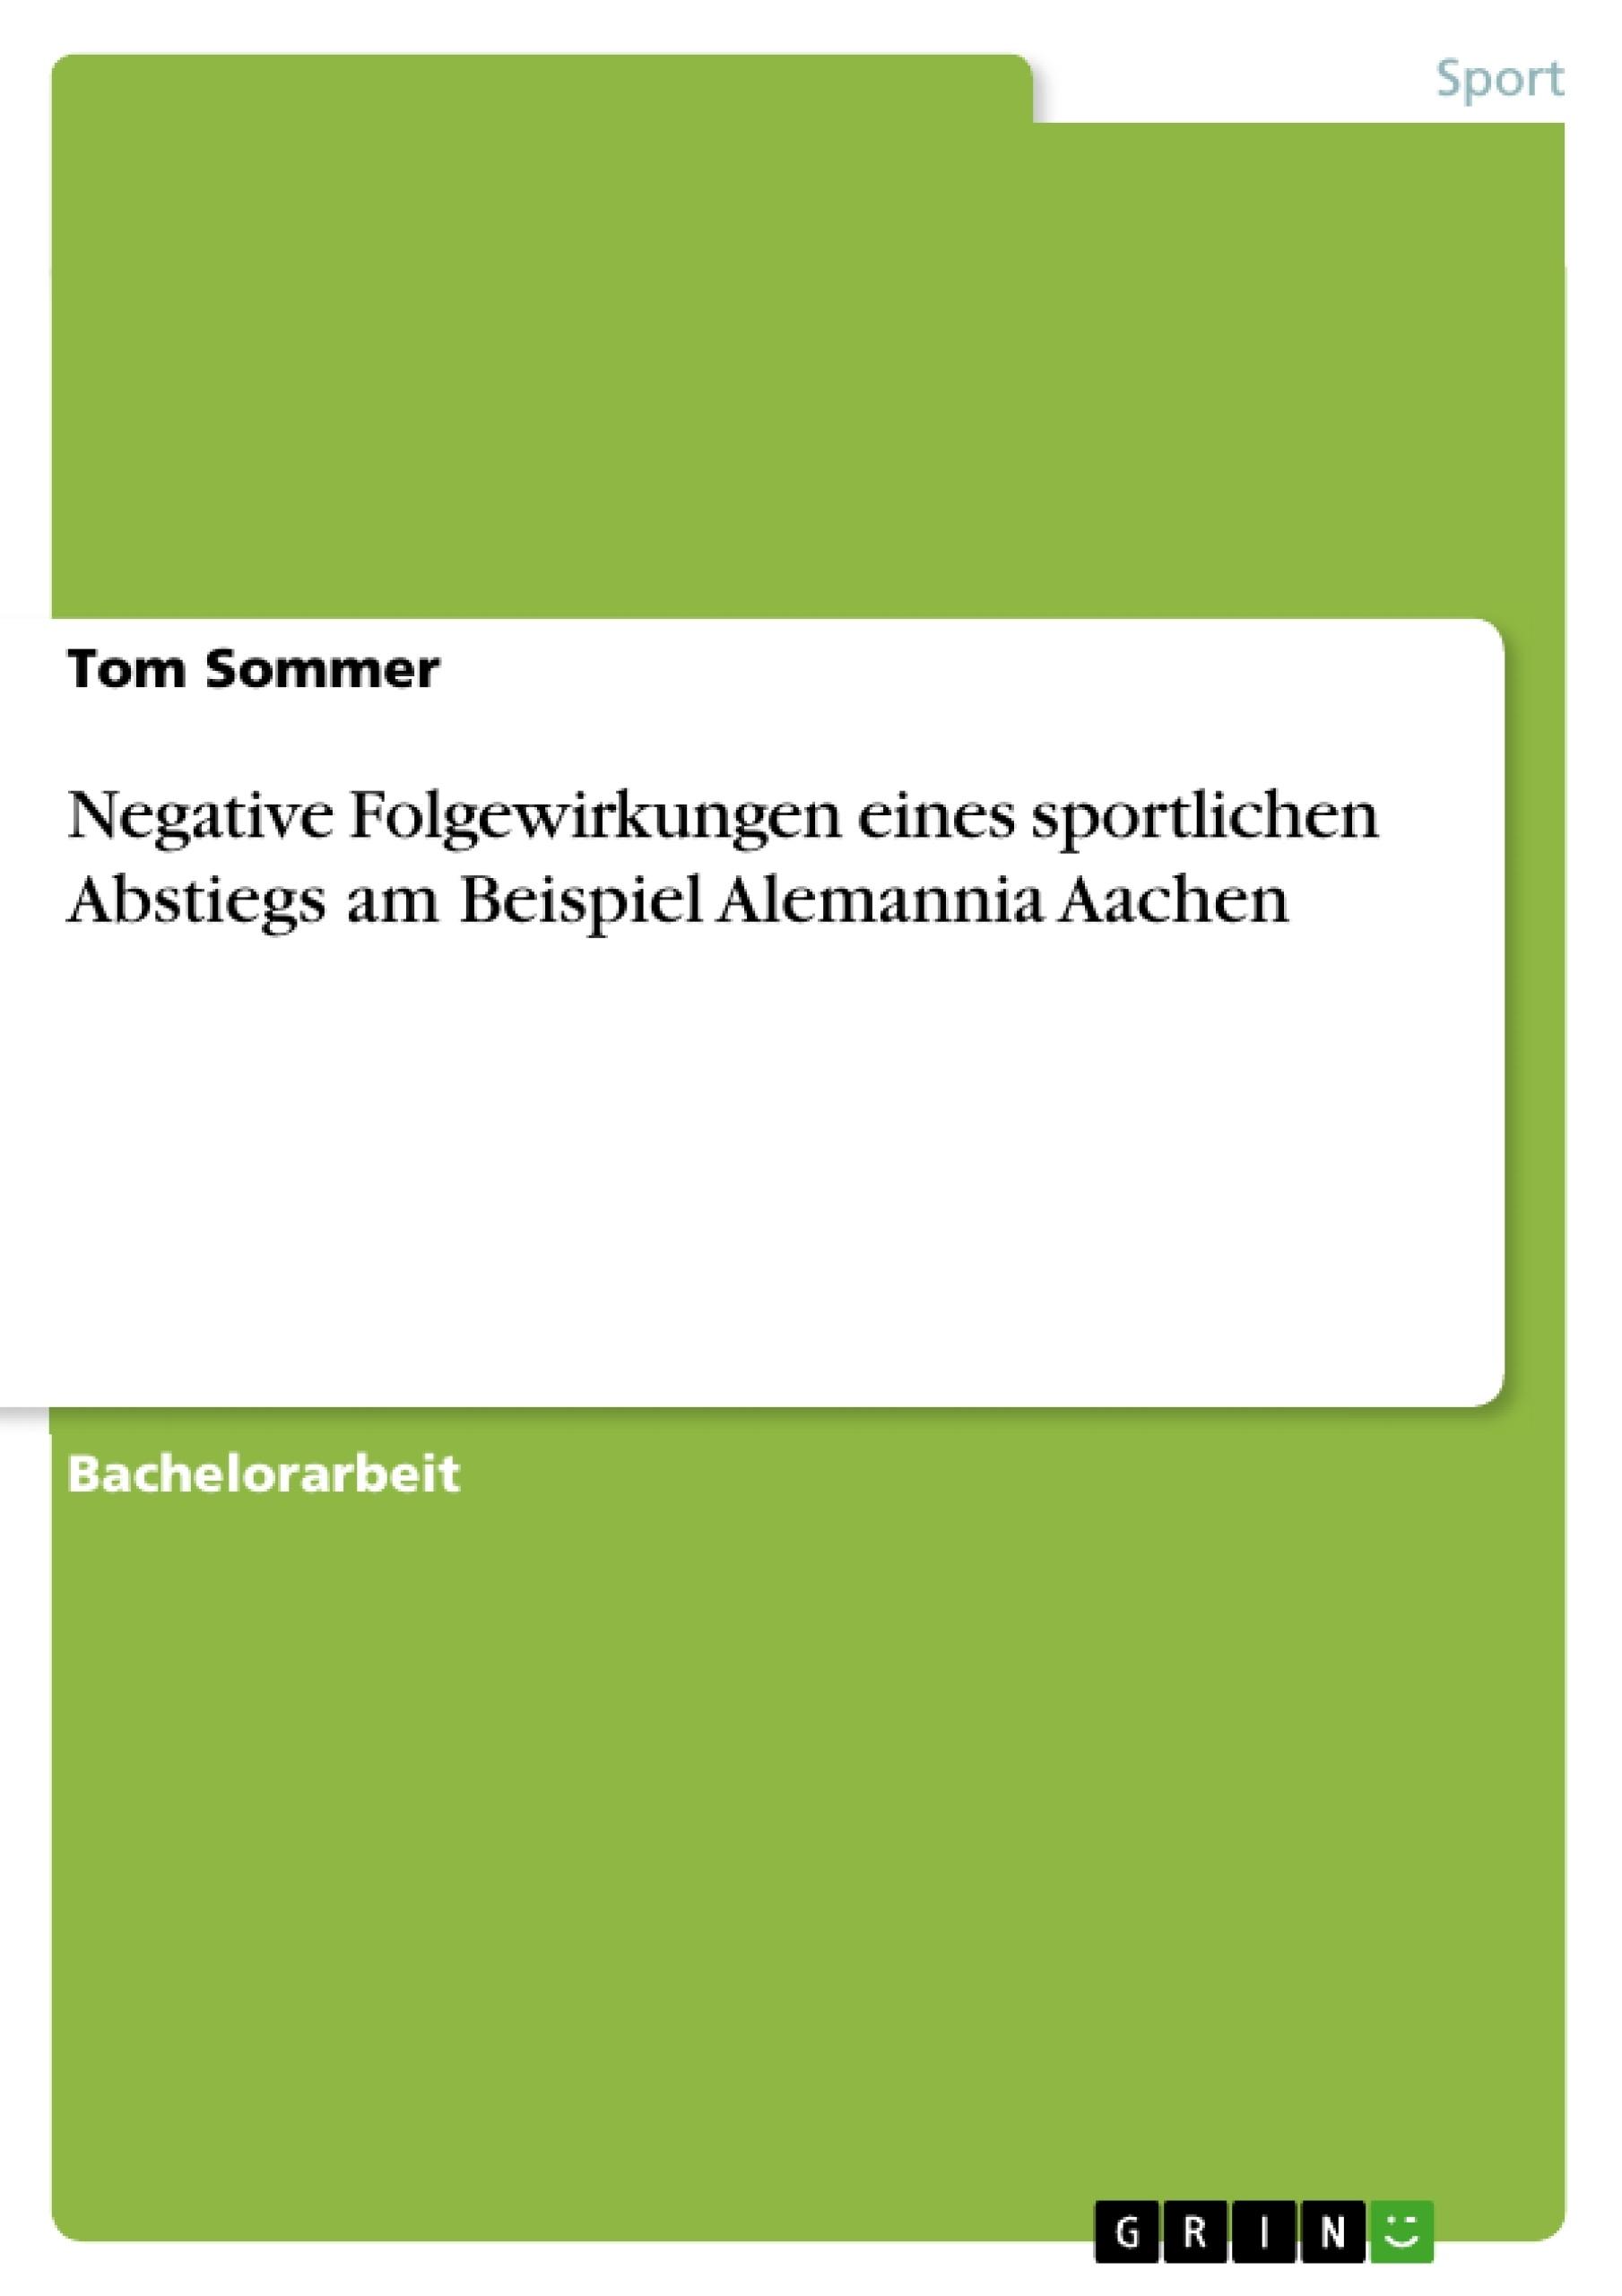 Titel: Negative Folgewirkungen eines sportlichen Abstiegs am Beispiel Alemannia Aachen